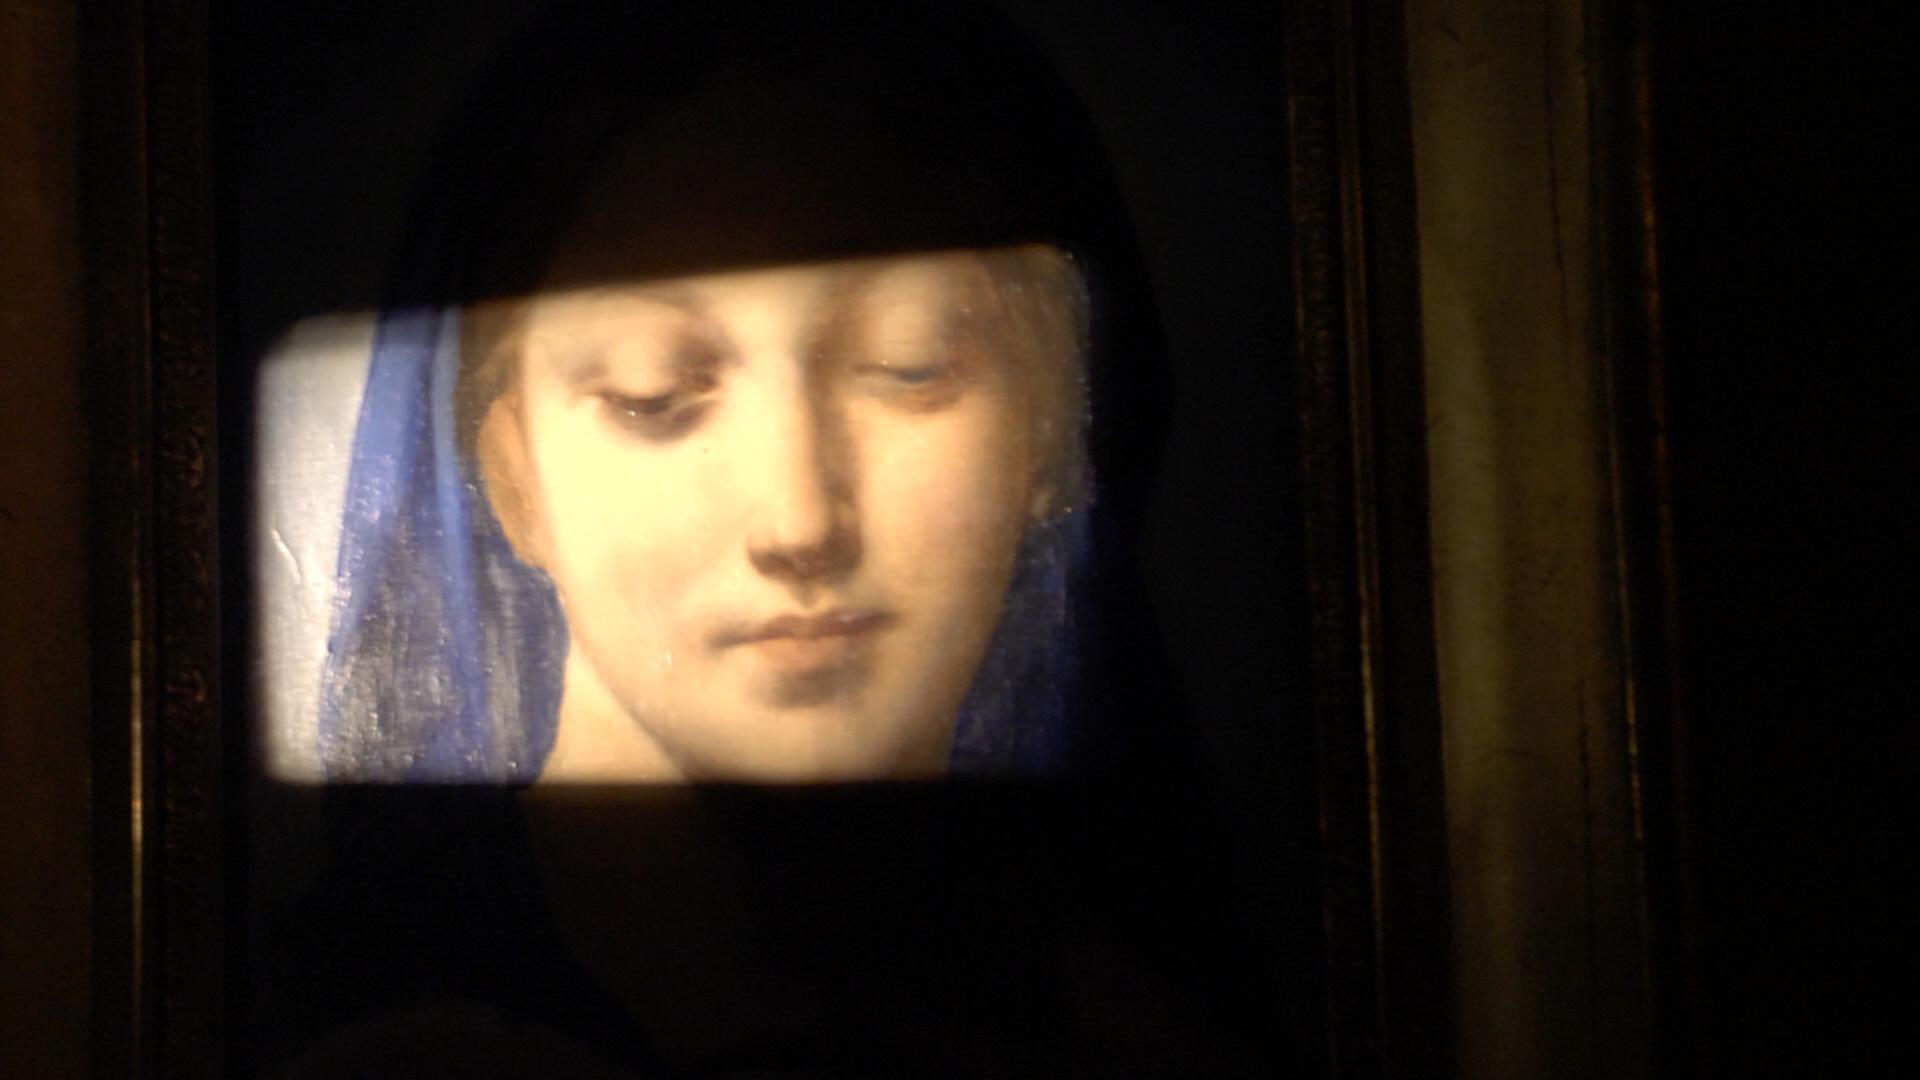 Ange Leccia, courtesy Mudo - Musée de l'Oise / ADAGP